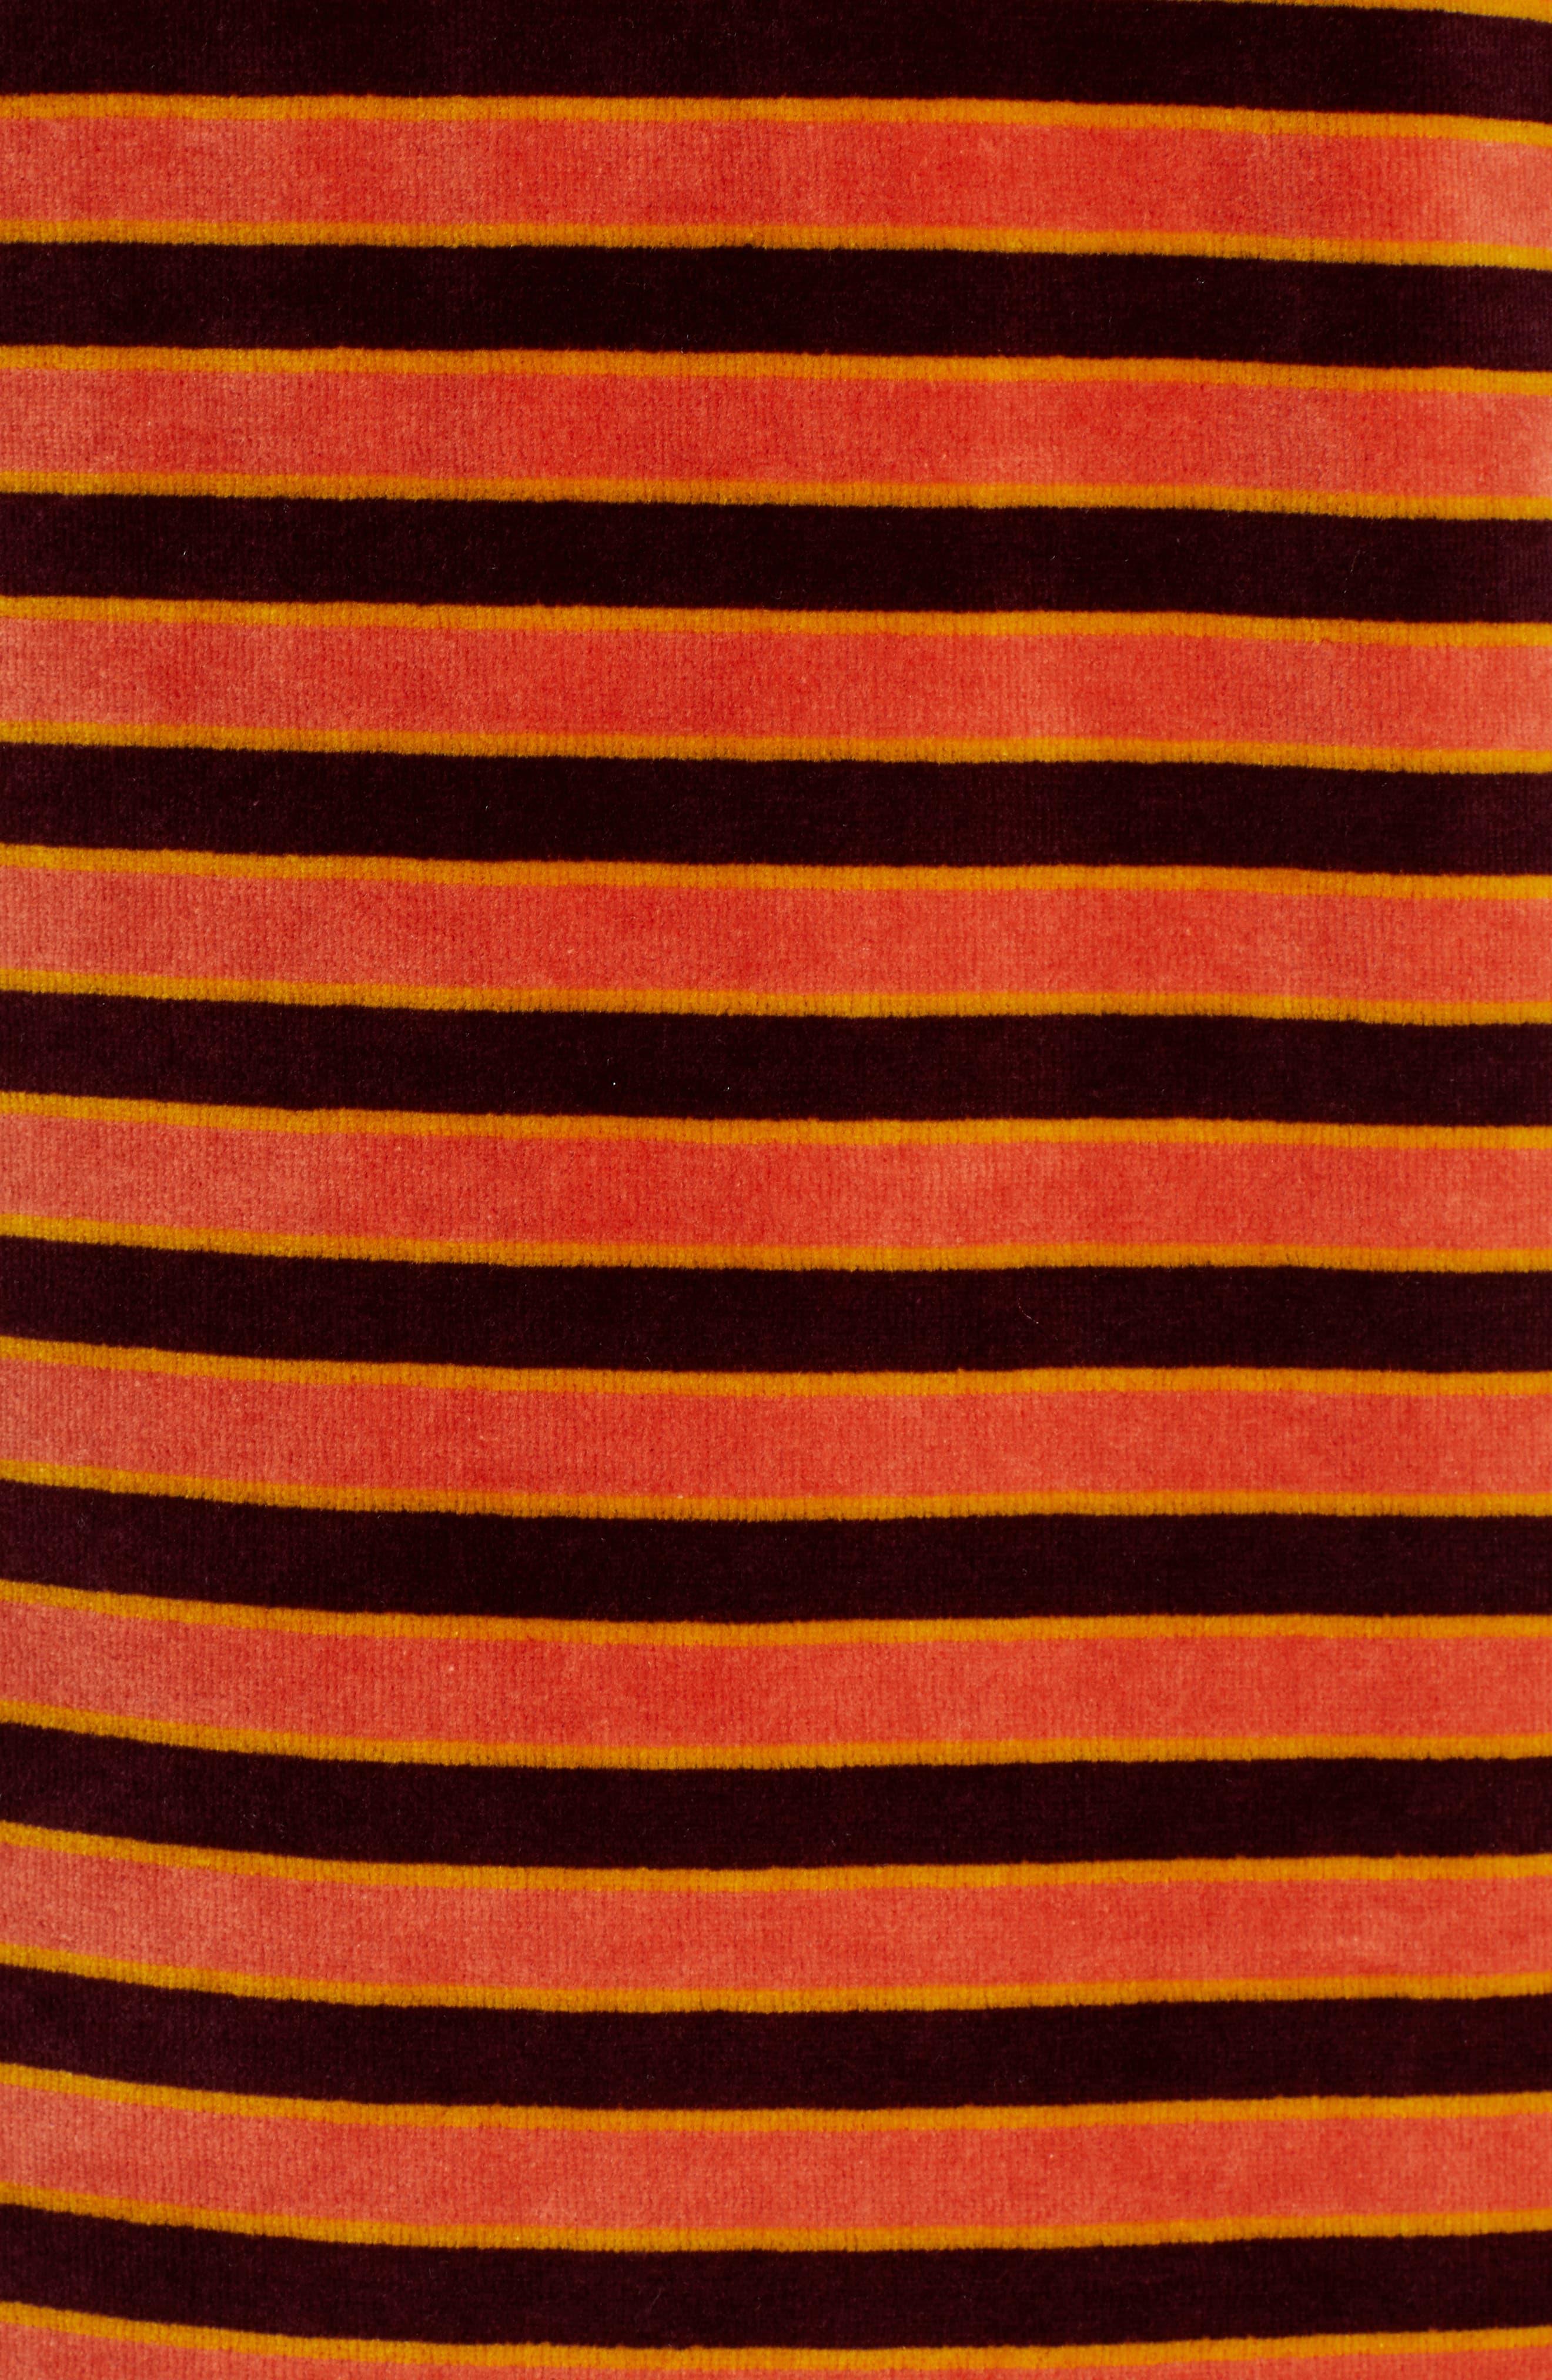 Striped Short Sleeve Velour Dress,                             Alternate thumbnail 6, color,                             ORANGE BURGUNDY STRIPE